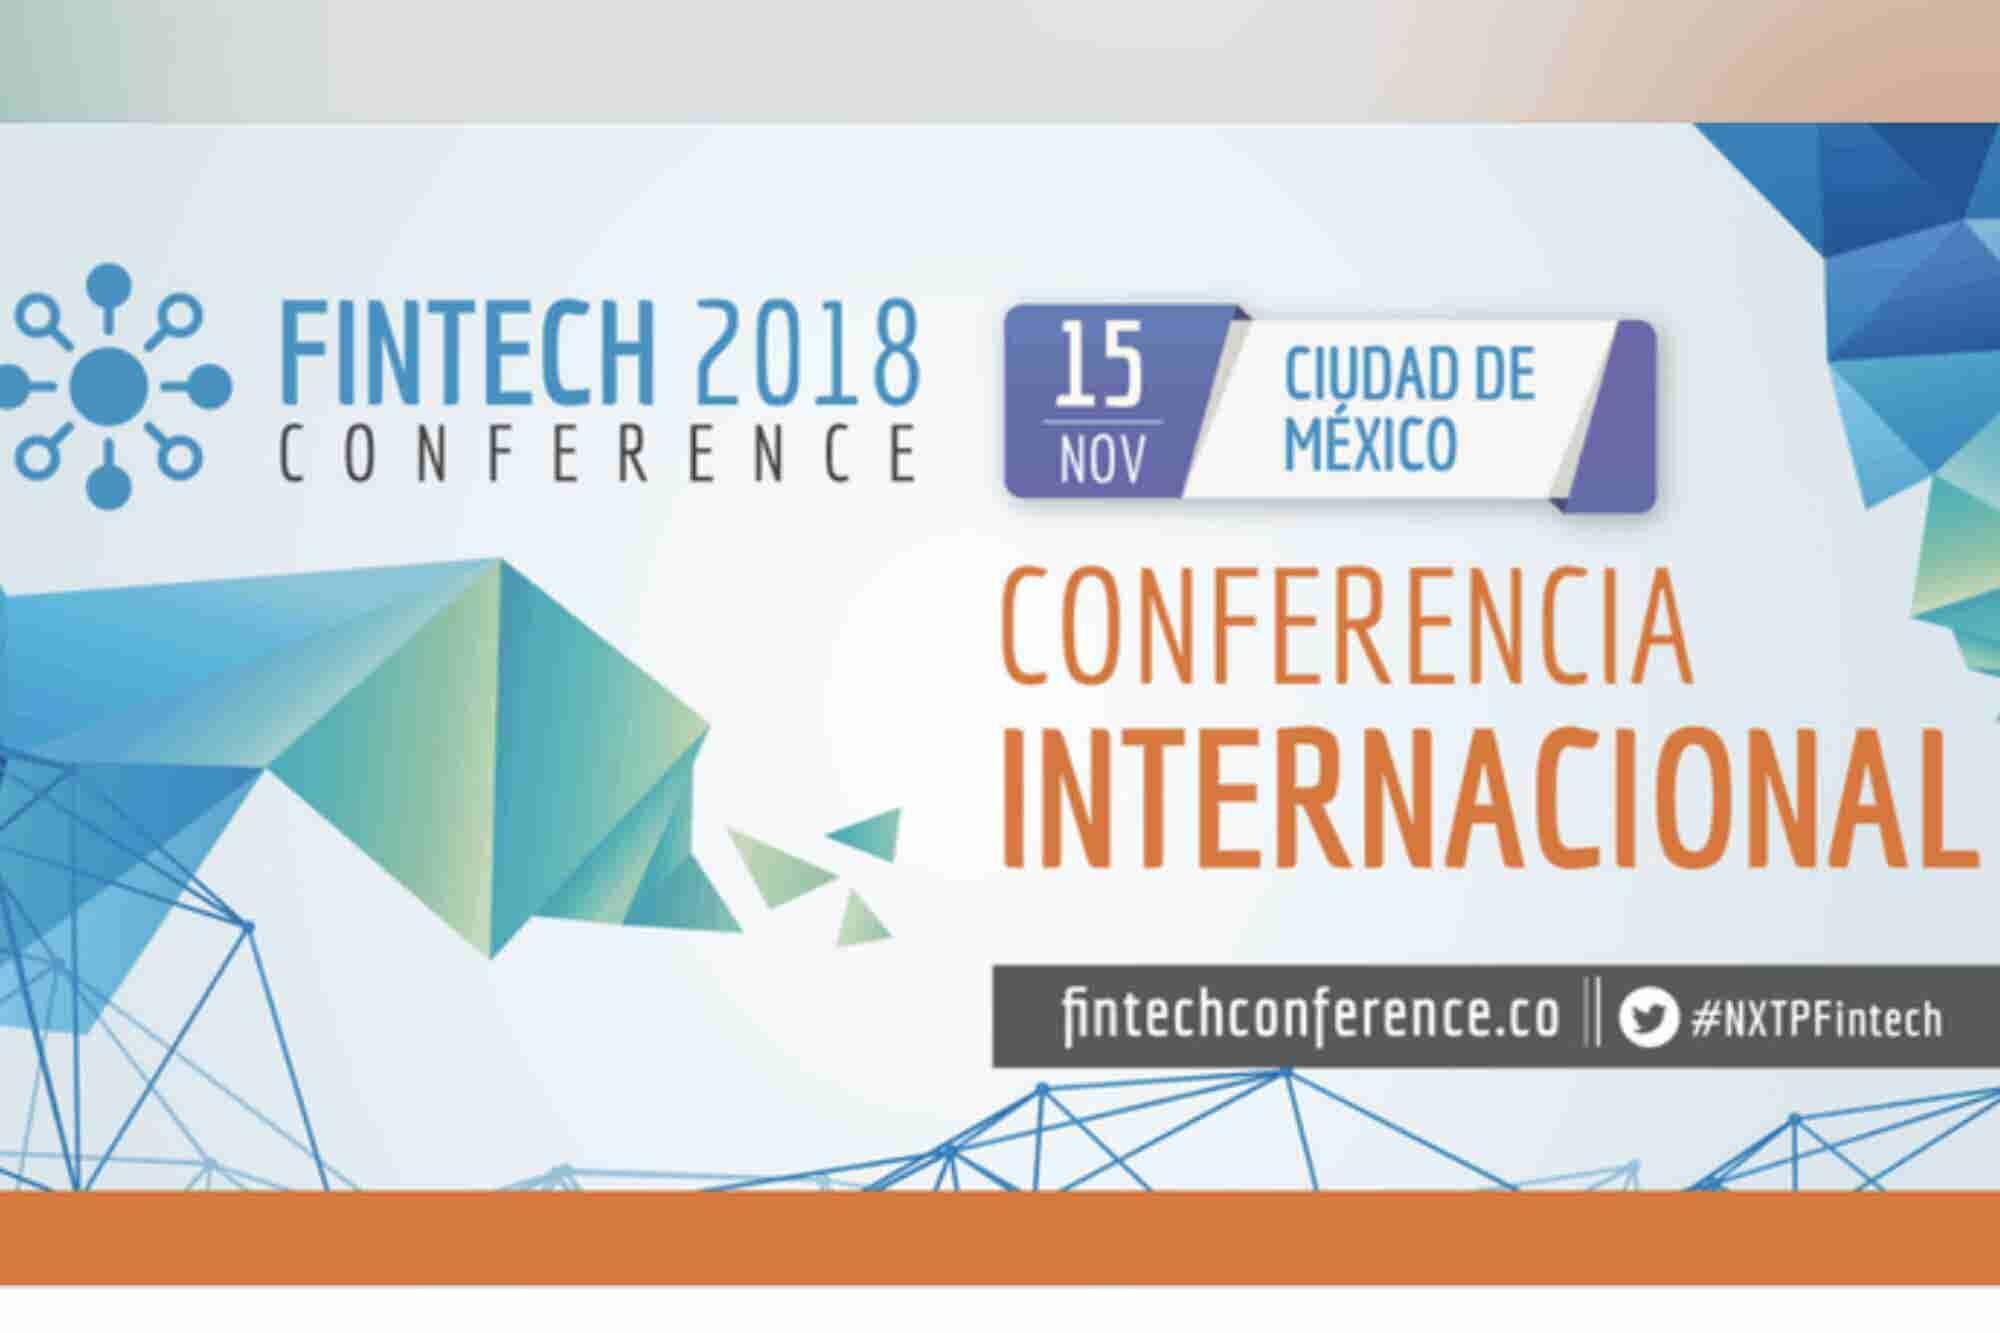 ¡Llega Fintech Conference, el evento para entender las tecnologías financieras!